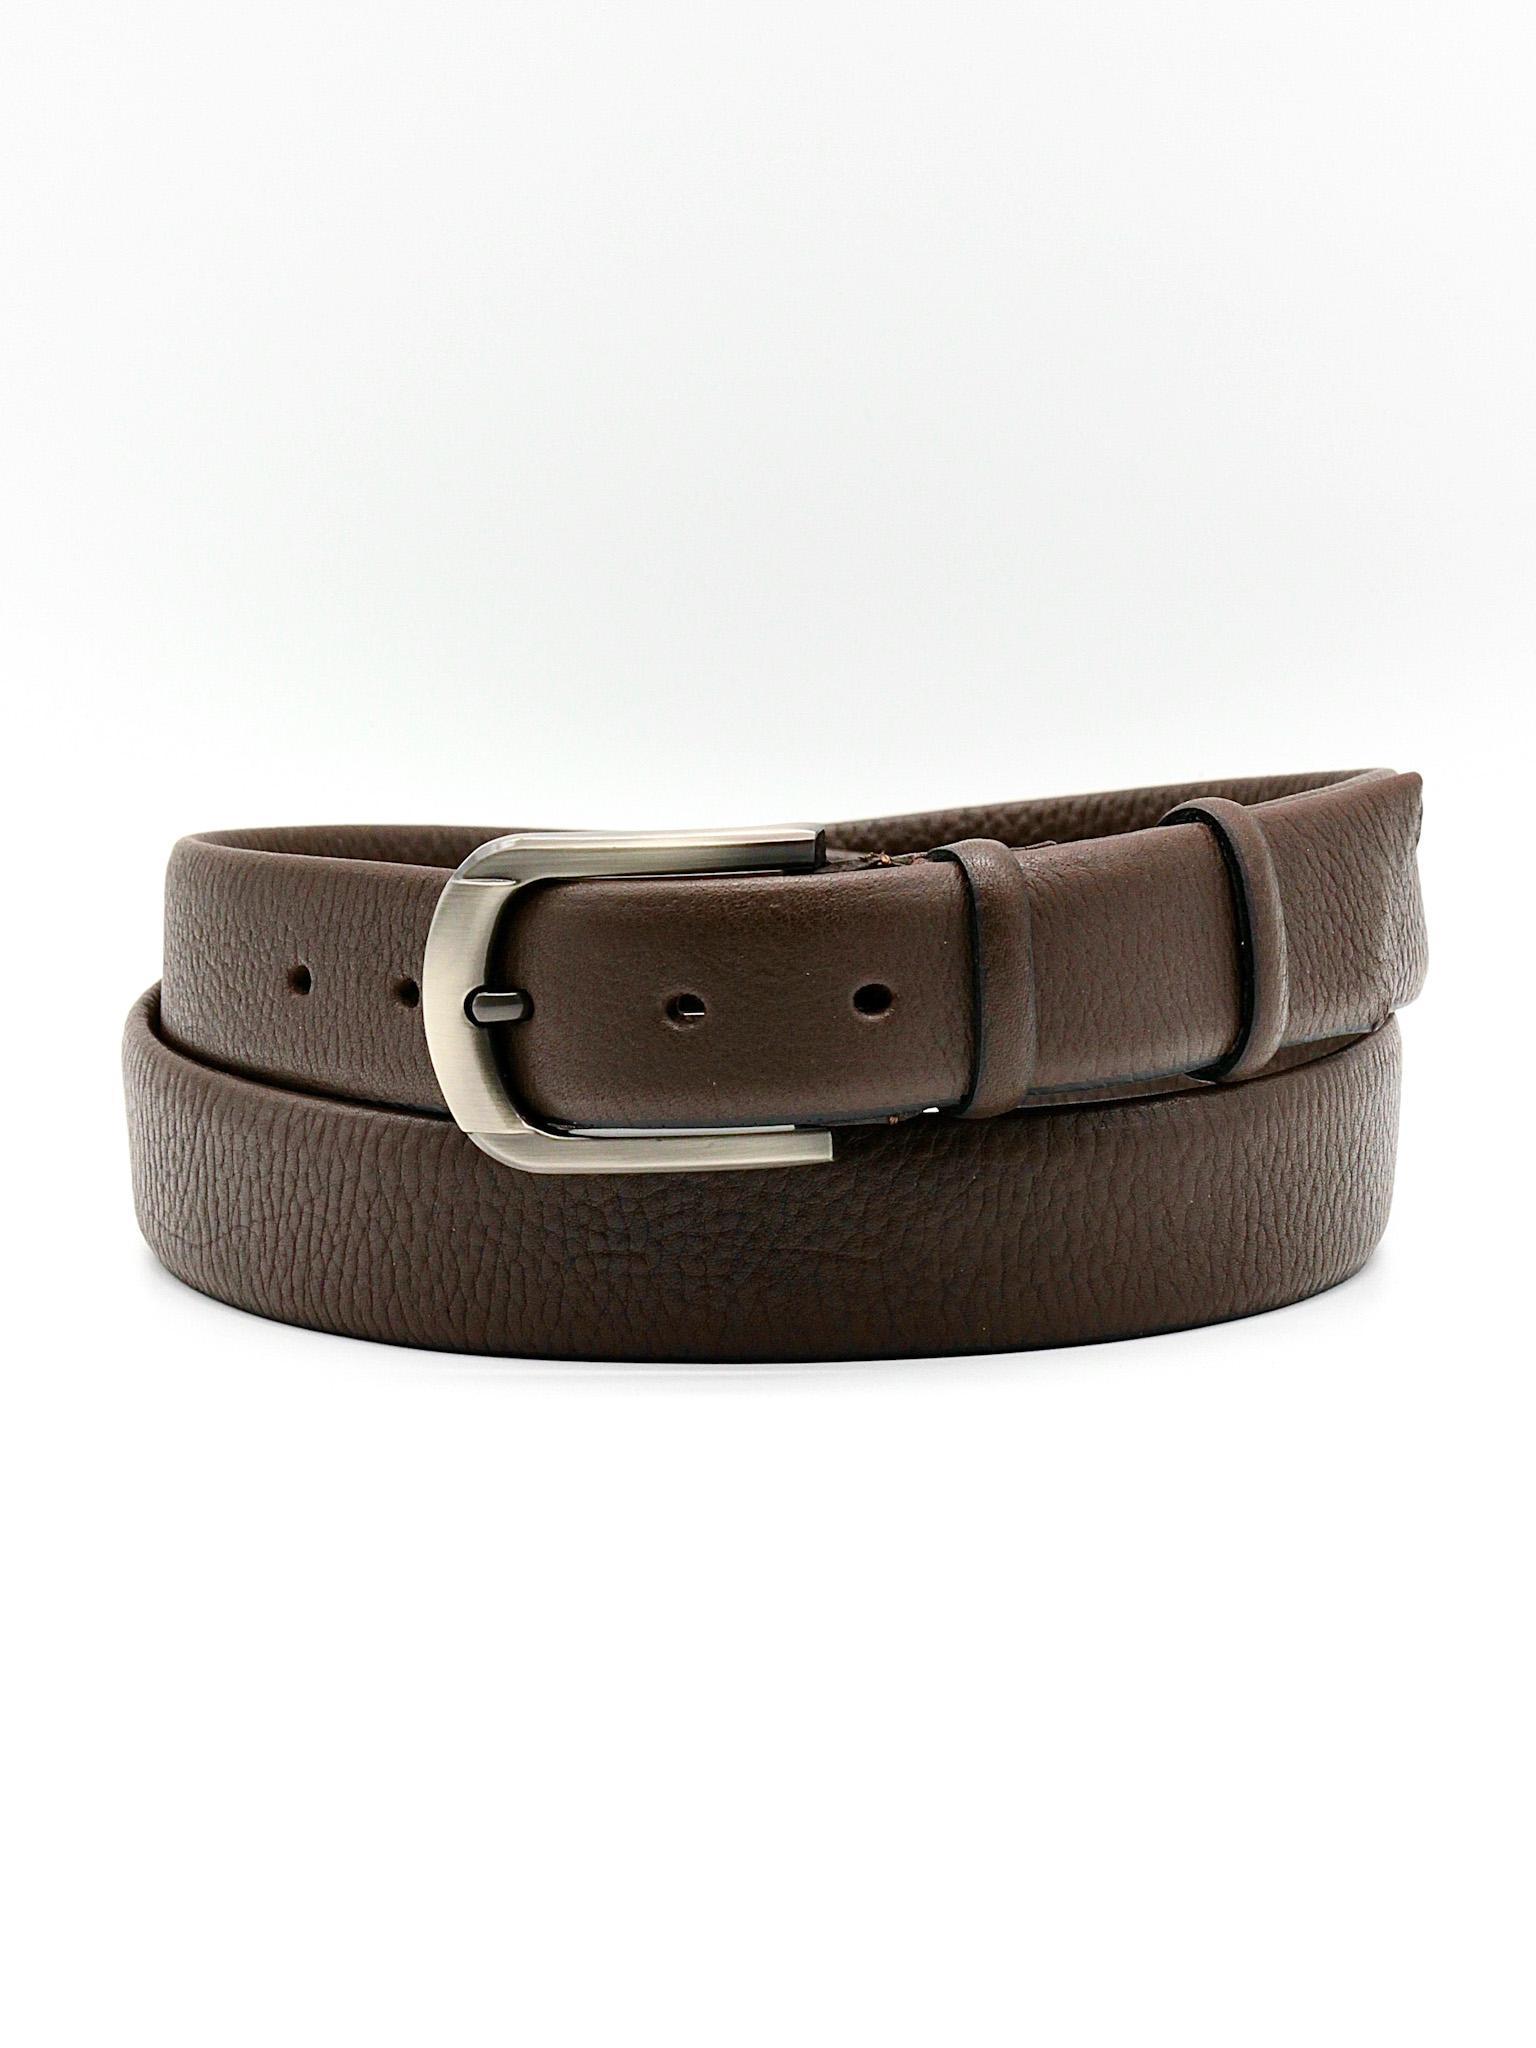 Фото мужской кожаный ремень для брюк 35 мм тёмно-коричневый из натуральной кожи Doublecity RC35-42-01